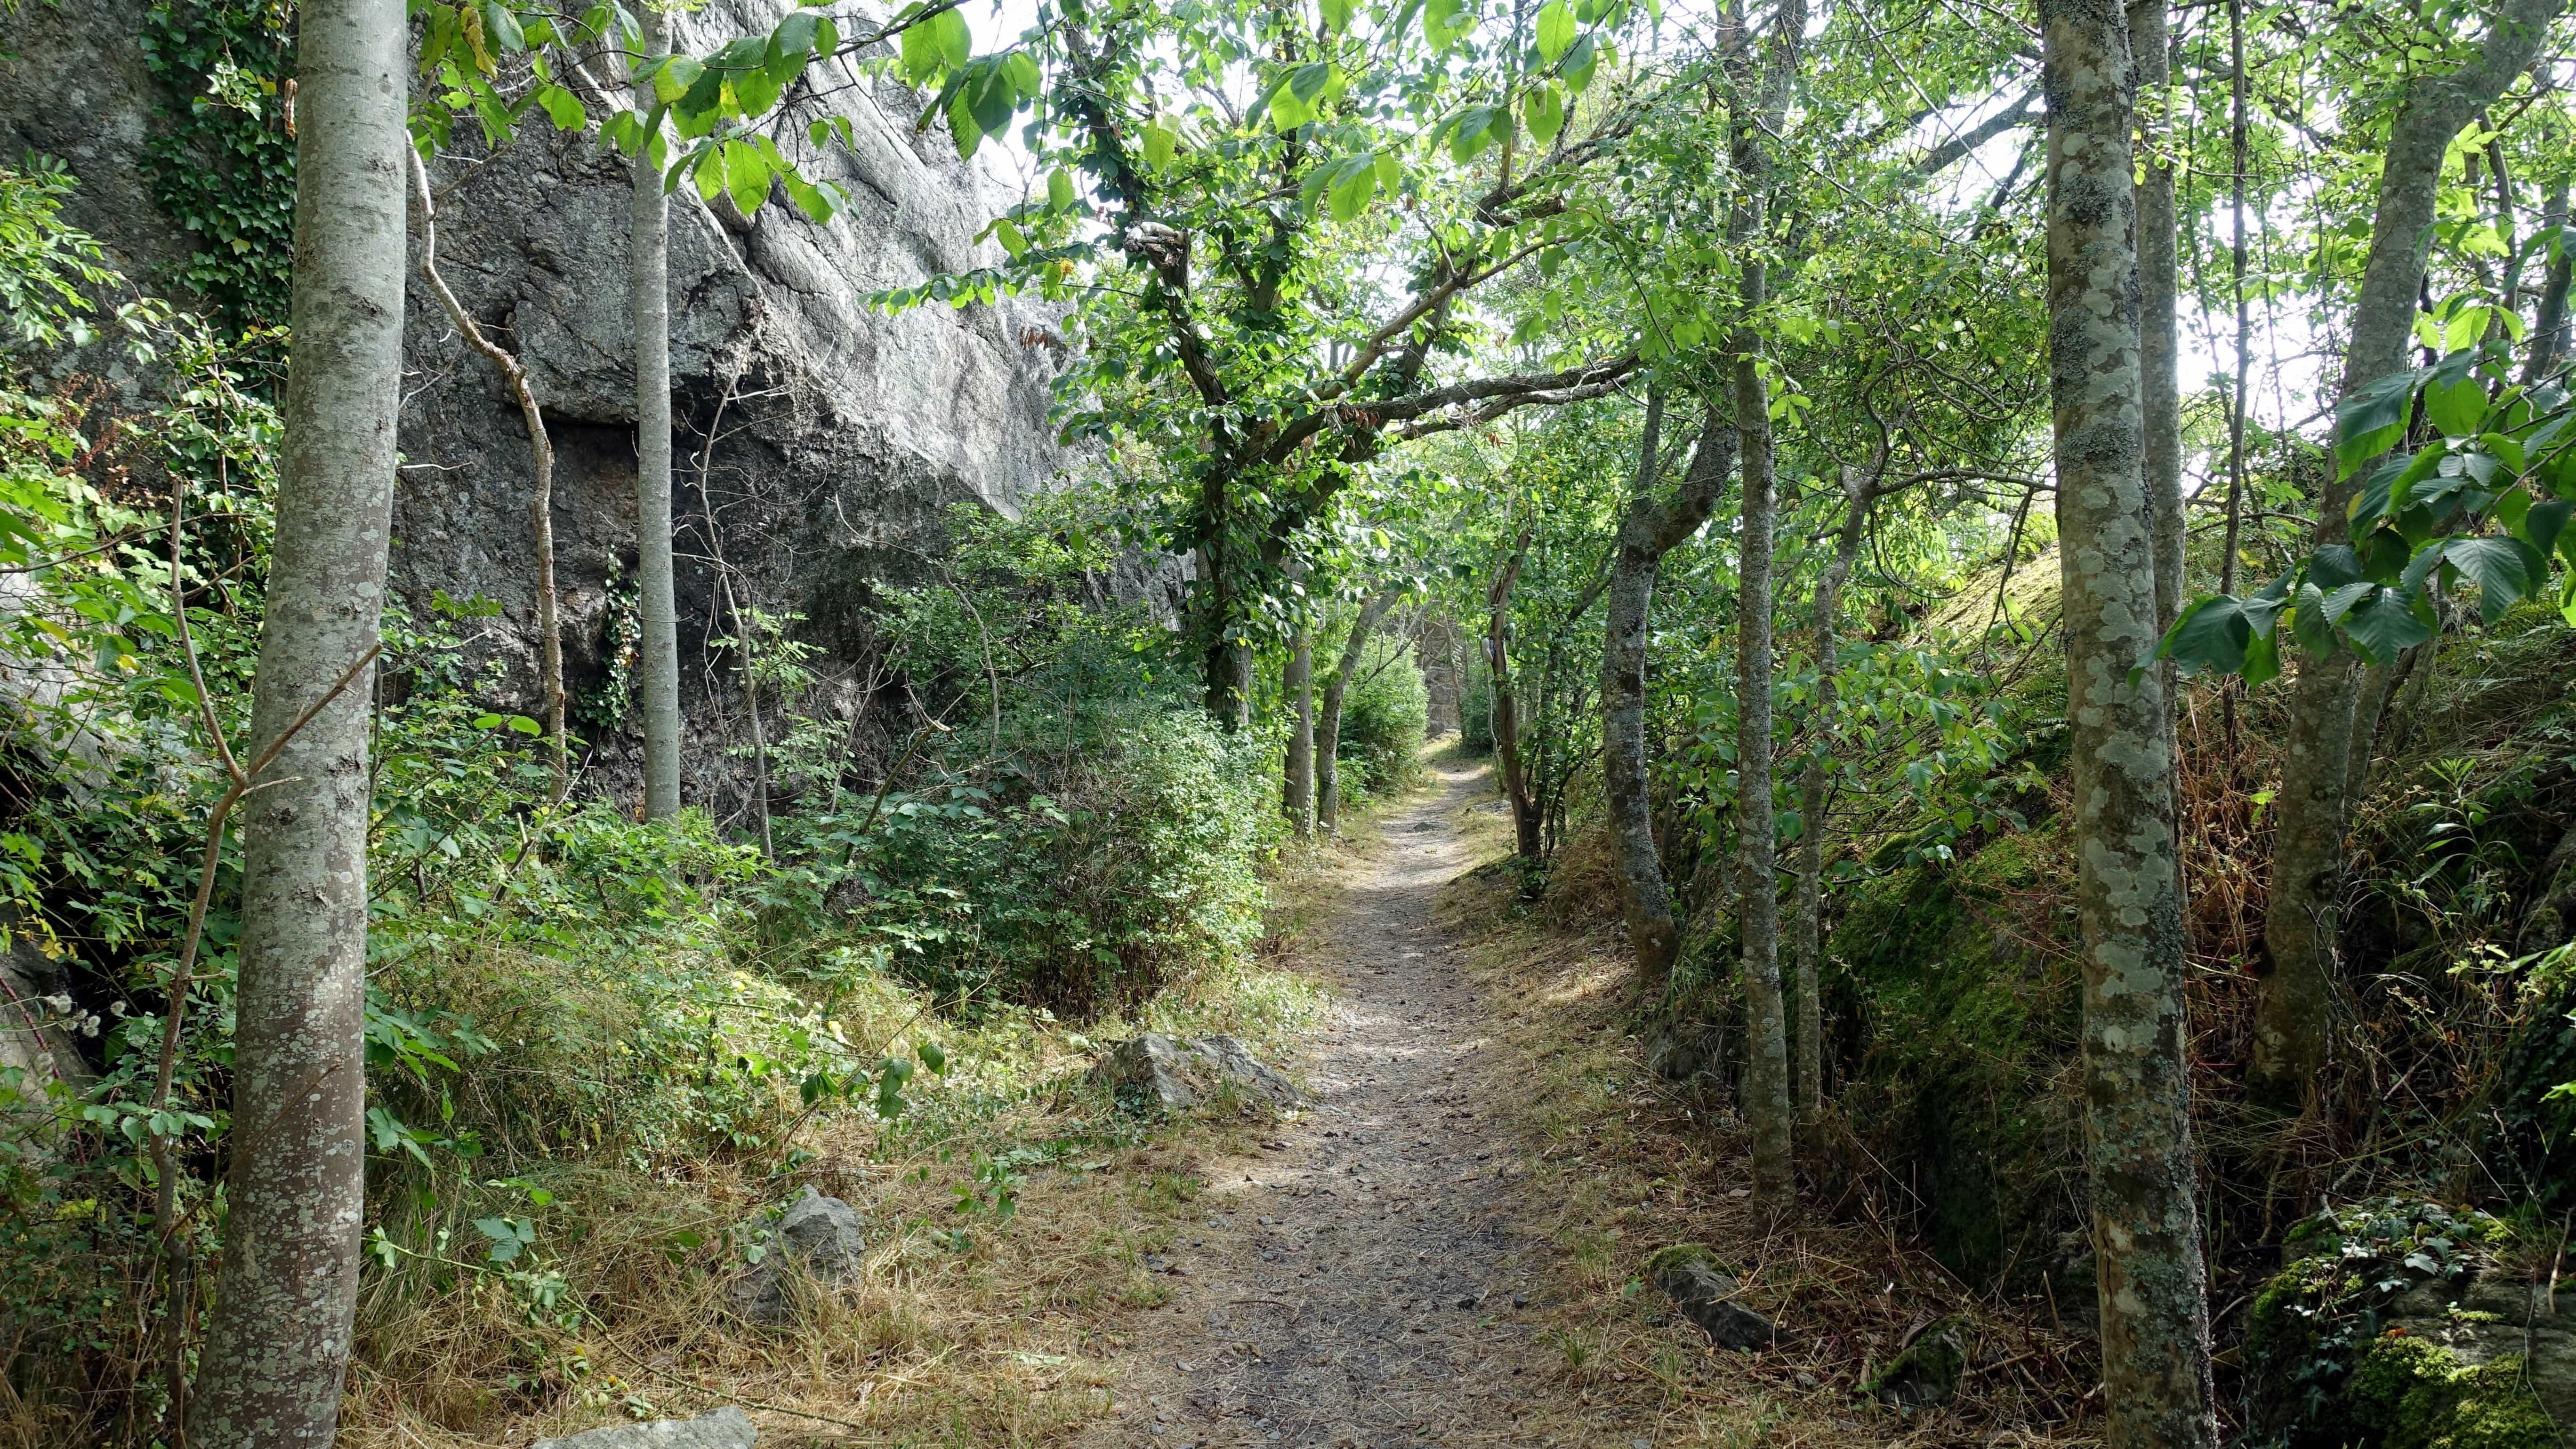 Rund um die Festung Carlsten kannst du einen 5 Kilometer langen Wanderweg entlanglaufen.